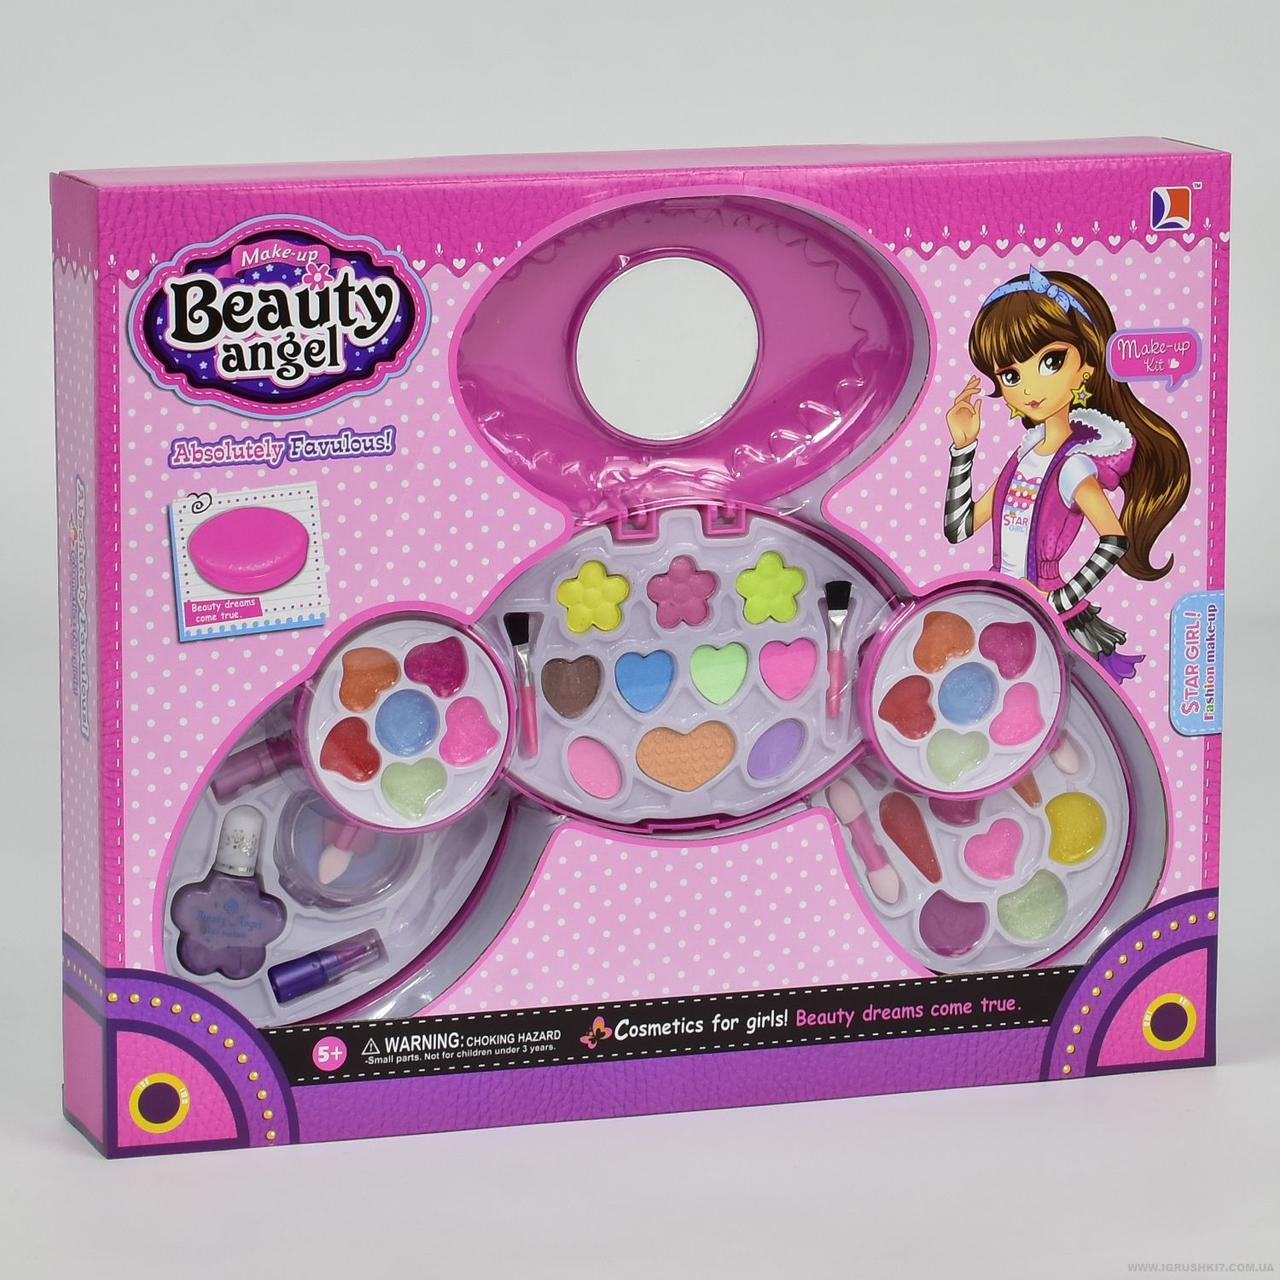 47d53e9e8 Детская косметика Beauty angel - Детский интернет-магазин